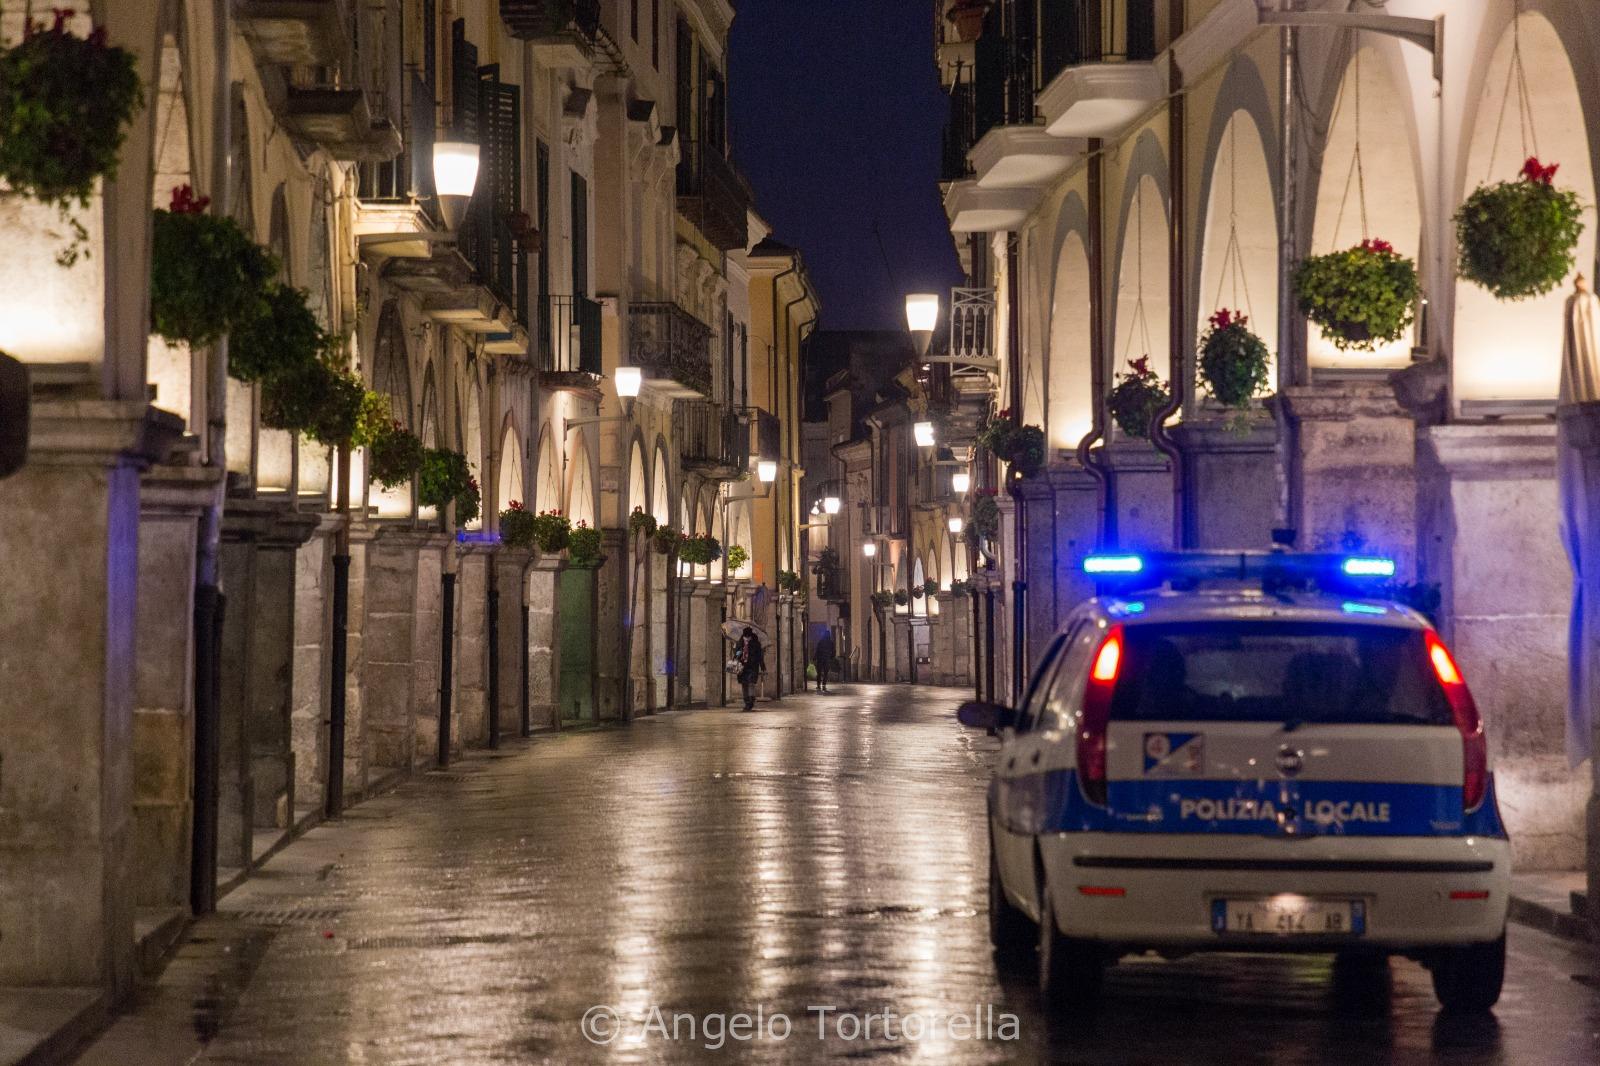 Fotografo Cava Dei Tirreni cava, concorso fotografico del club fotografico cavese sulla